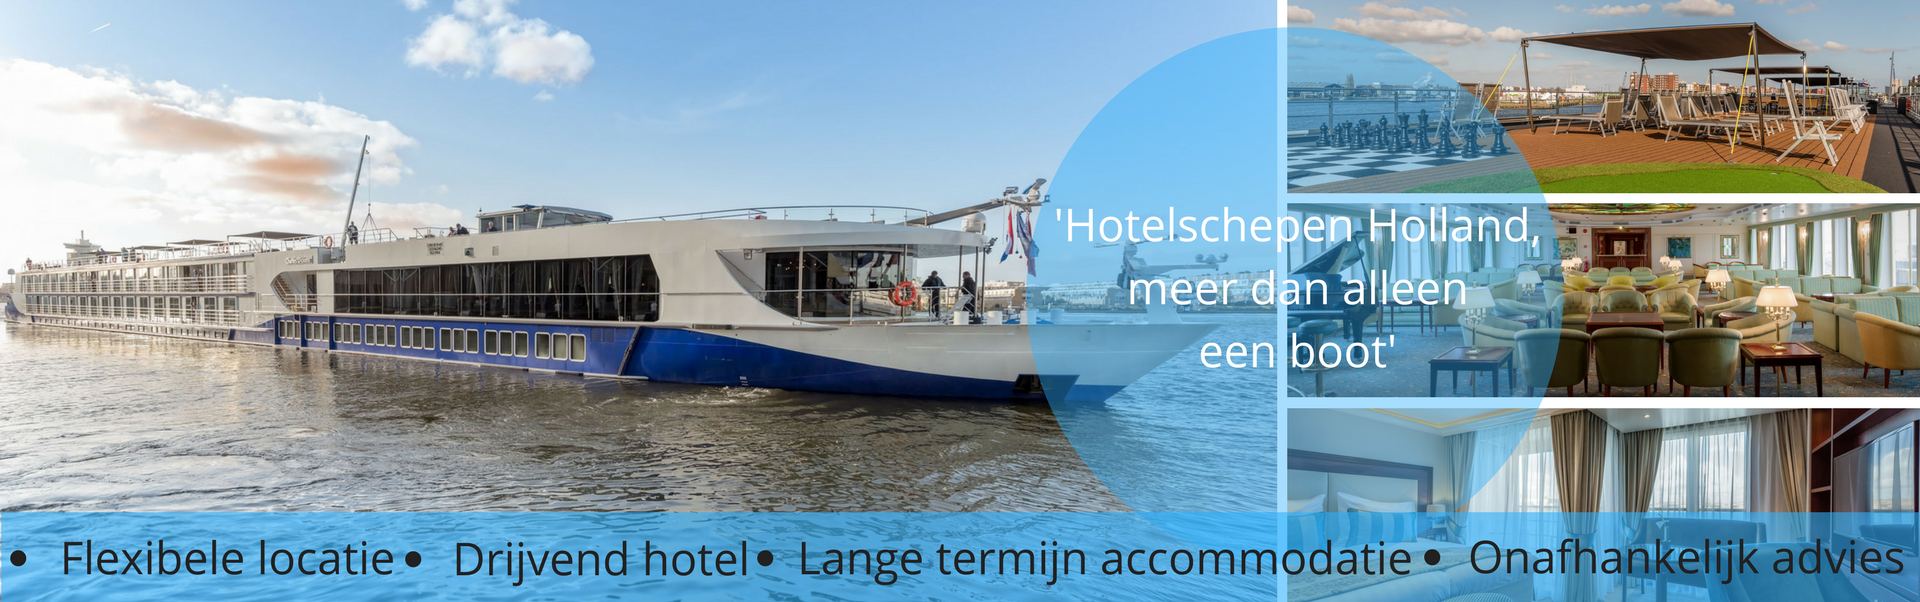 Hotelschepen holland meer dan een boot